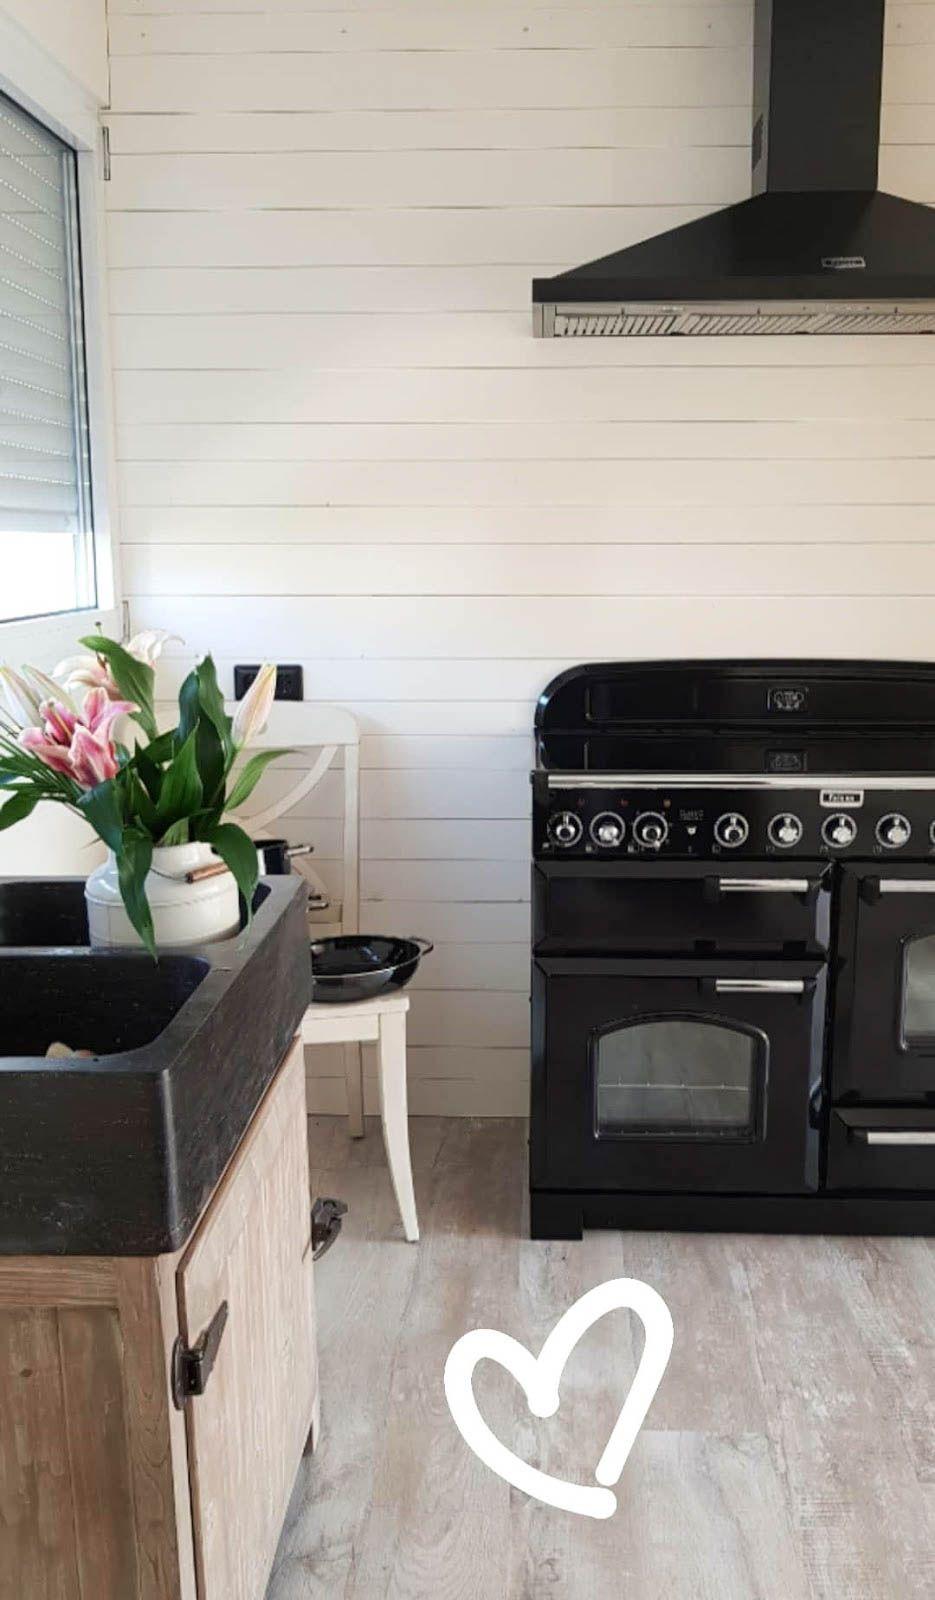 Küche Renovierung Landhaus Herd Rangecooker Diy Holzwand Mein Blog